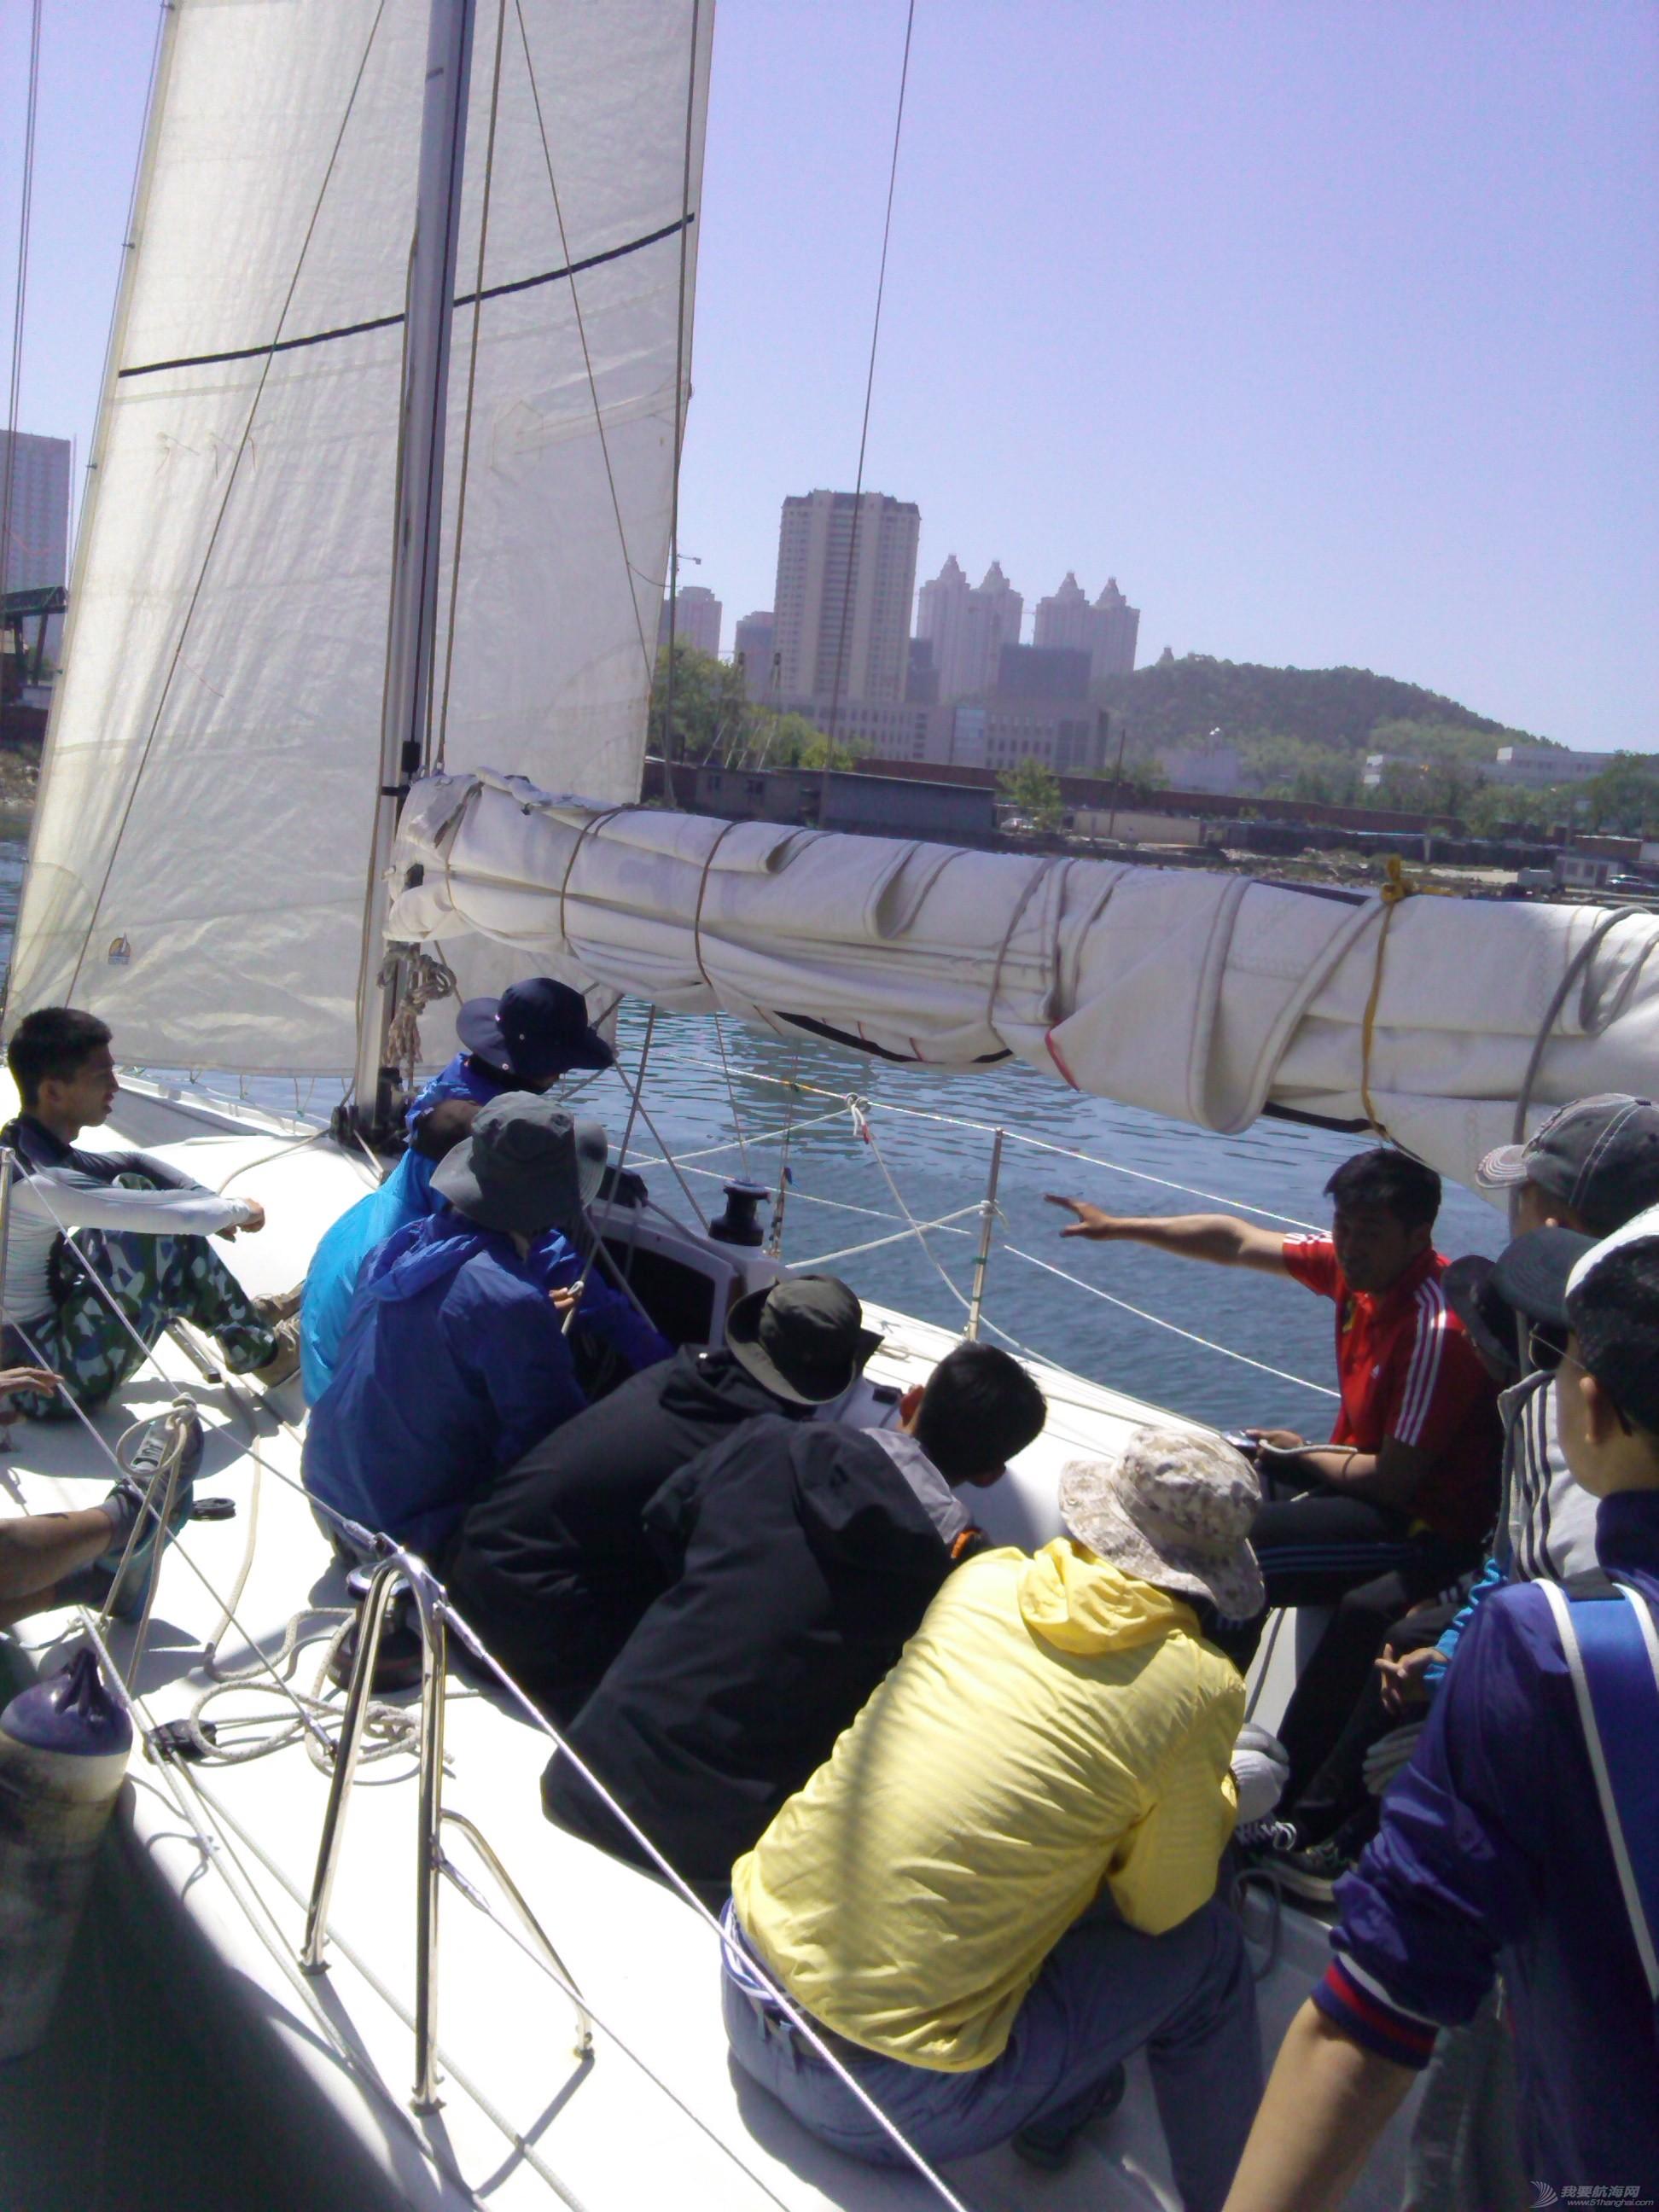 大连海事,大学,帆船,教练 大连海事大学帆船队之码头现场讲解20150523